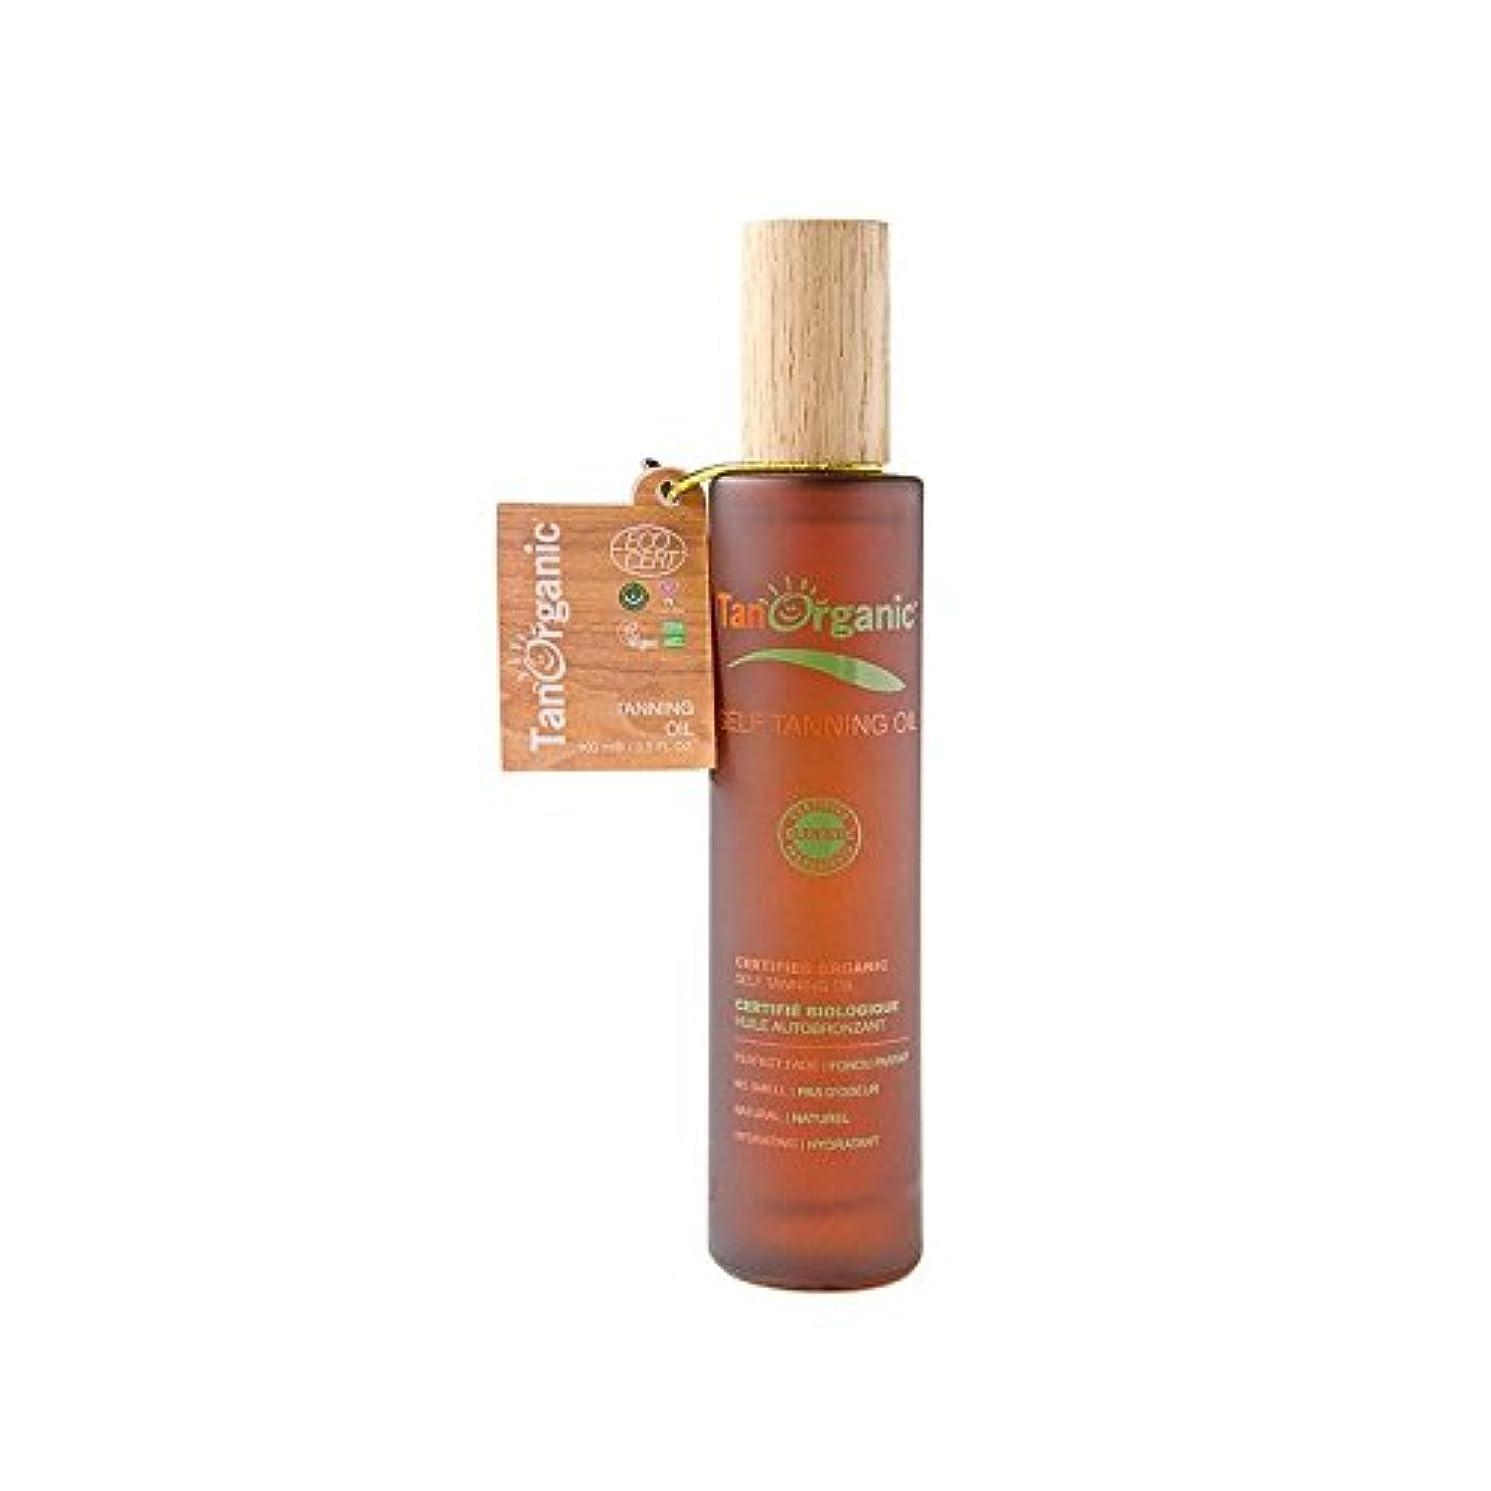 非常に概して意外Tanorganic自己日焼け顔&ボディオイル (Tan Organic) (x 6) - TanOrganic Self-Tan Face & Body Oil (Pack of 6) [並行輸入品]